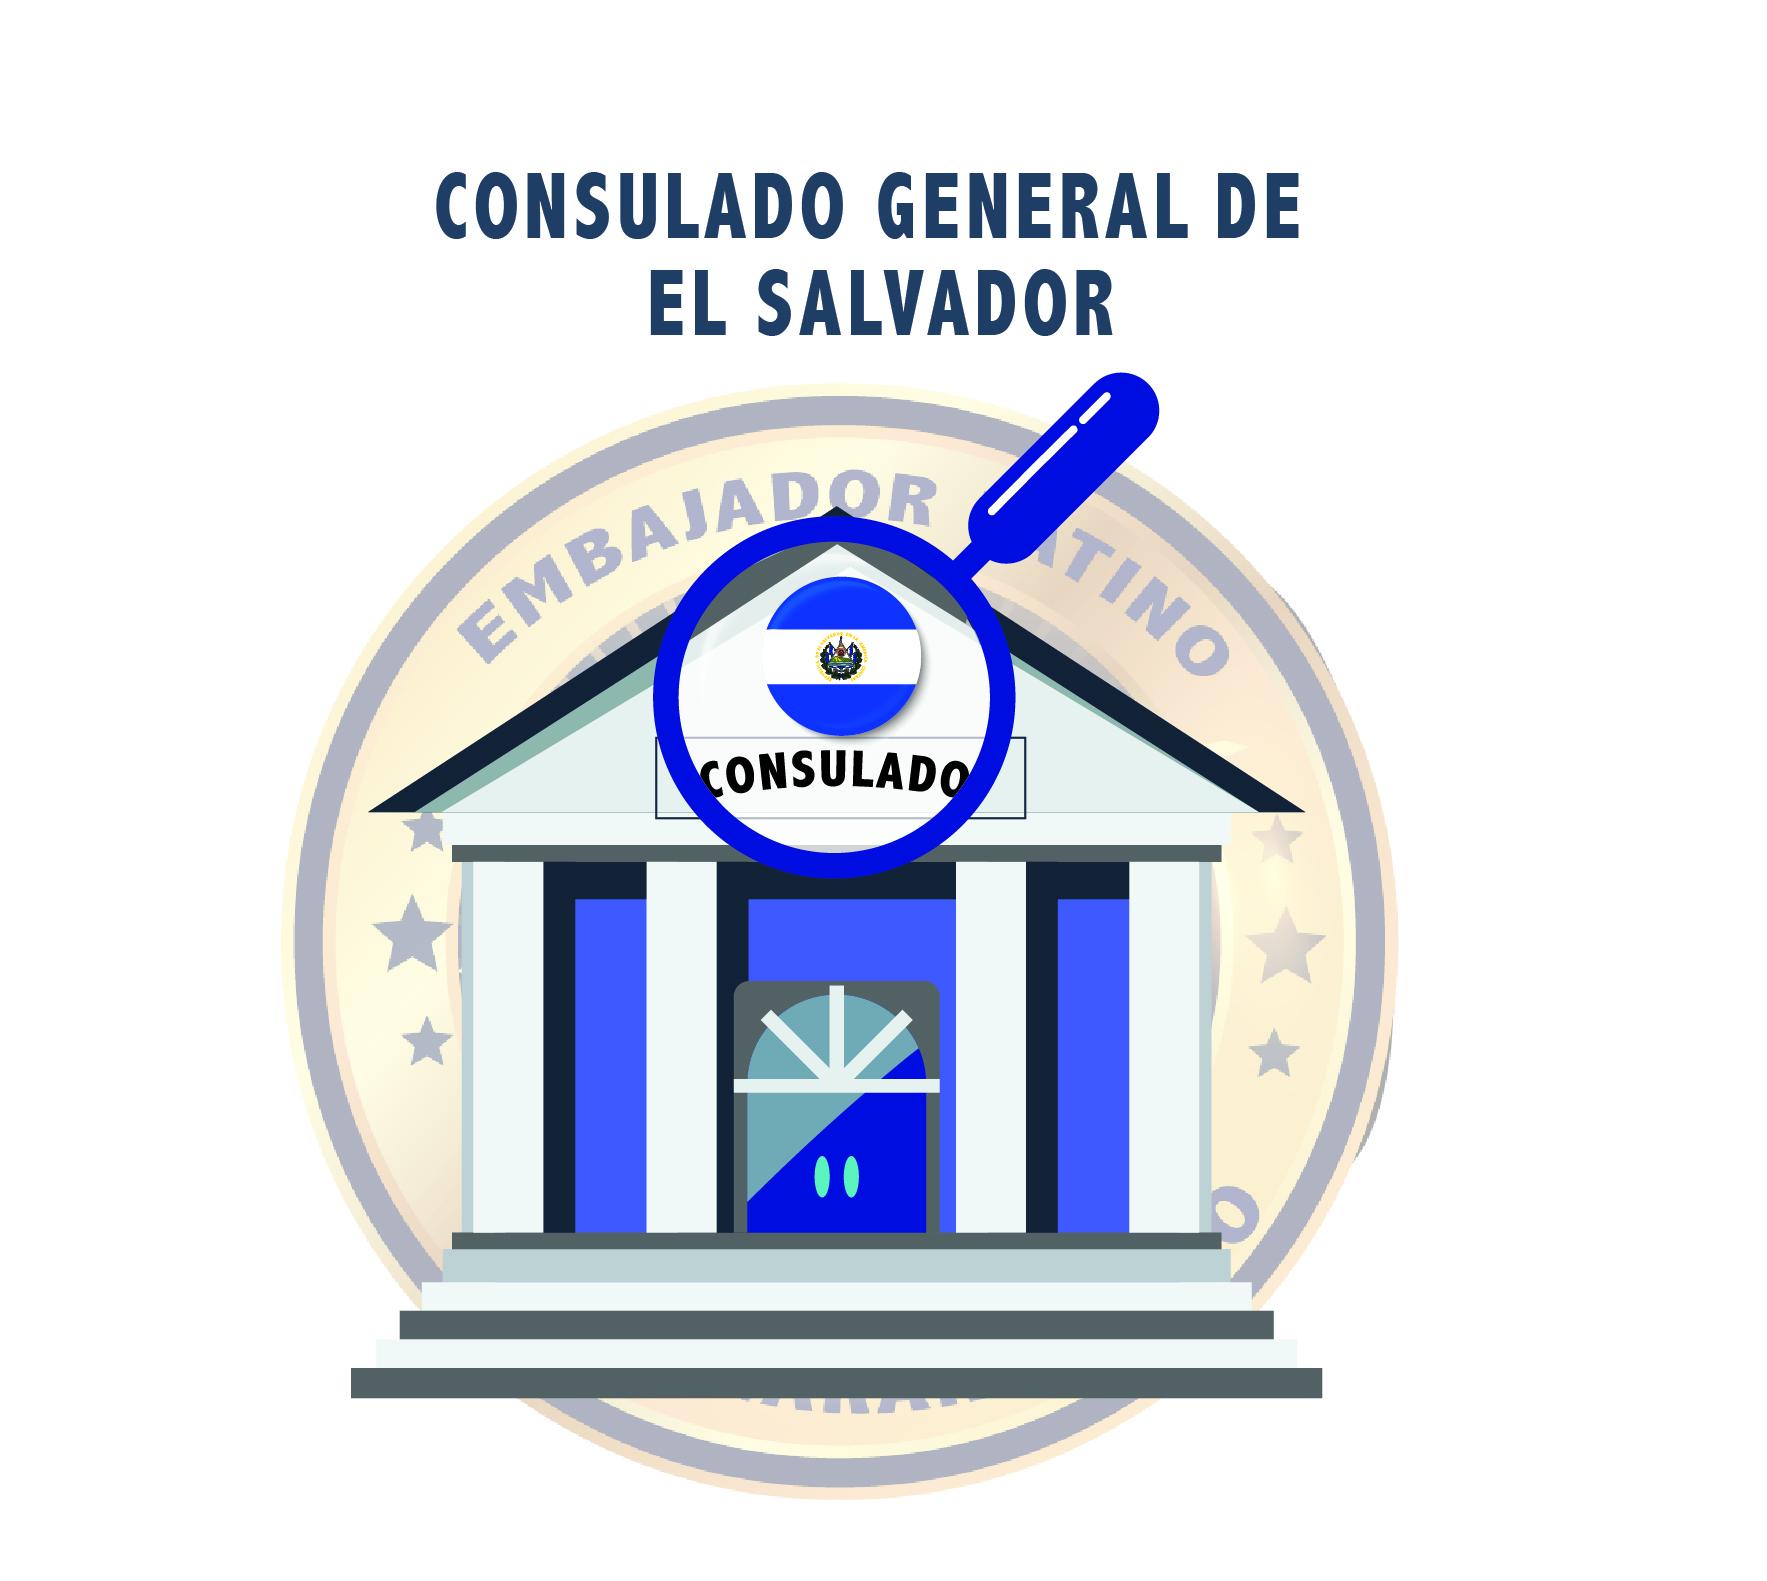 Consulado General de El Salvador